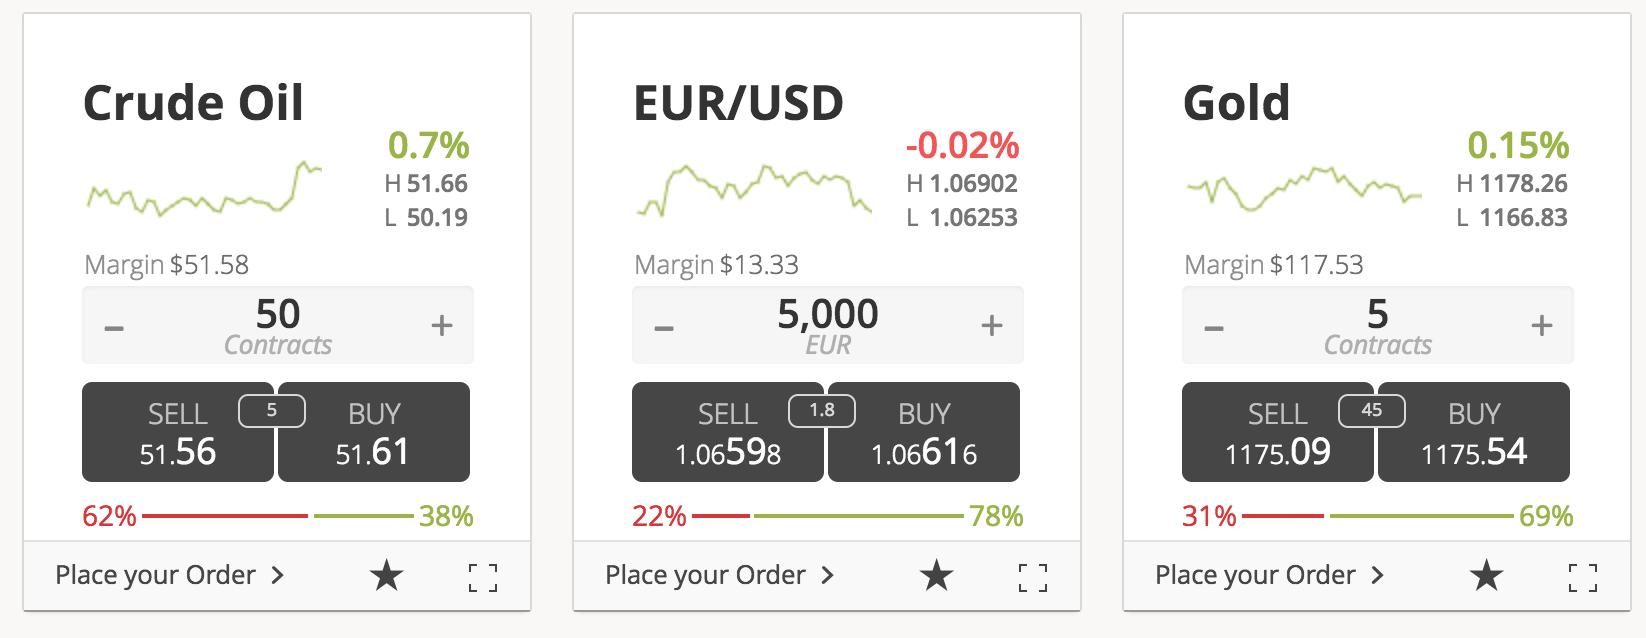 trade360 signals